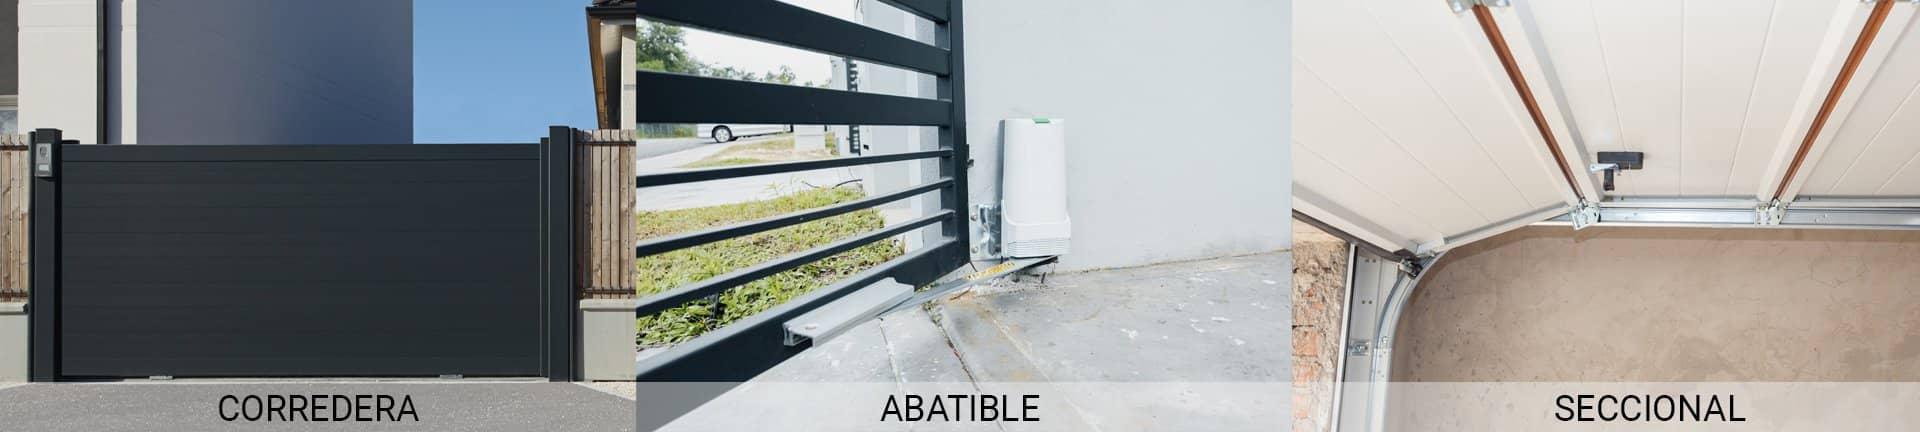 Tipos de puerta Easy Parking